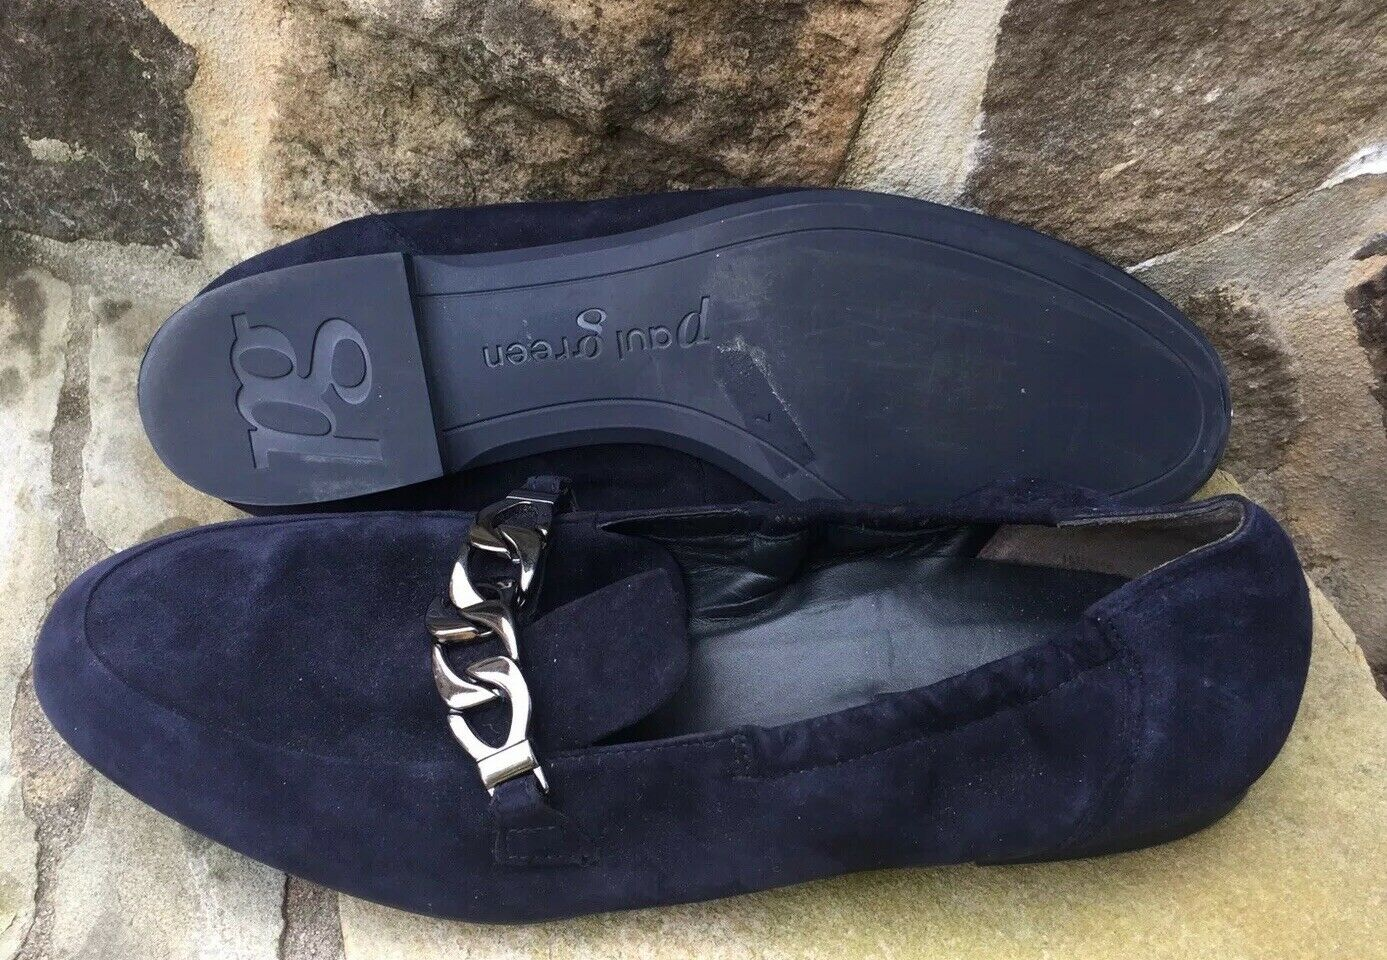 Paul verde Wouomo  Newcastle Chain Navy Leather -flats -scarpe -Dimensione -7 -9.5 -US  vendita online sconto prezzo basso